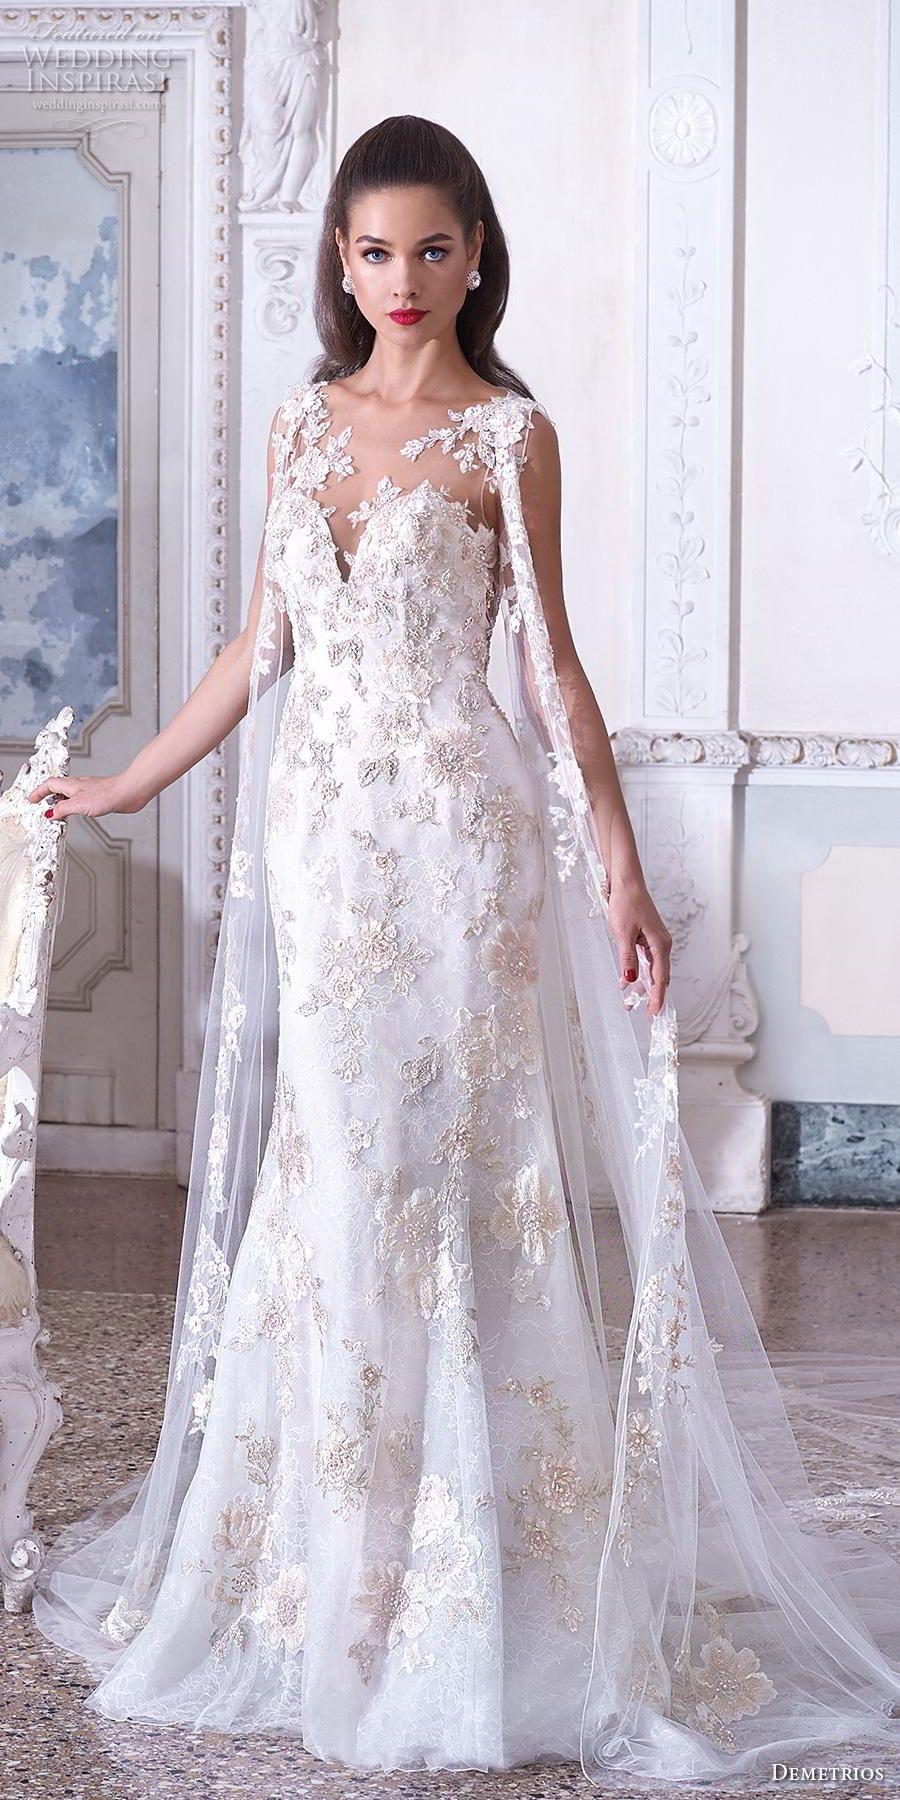 CAPA Demetrios - Tendências para vestidos de noiva em 2019